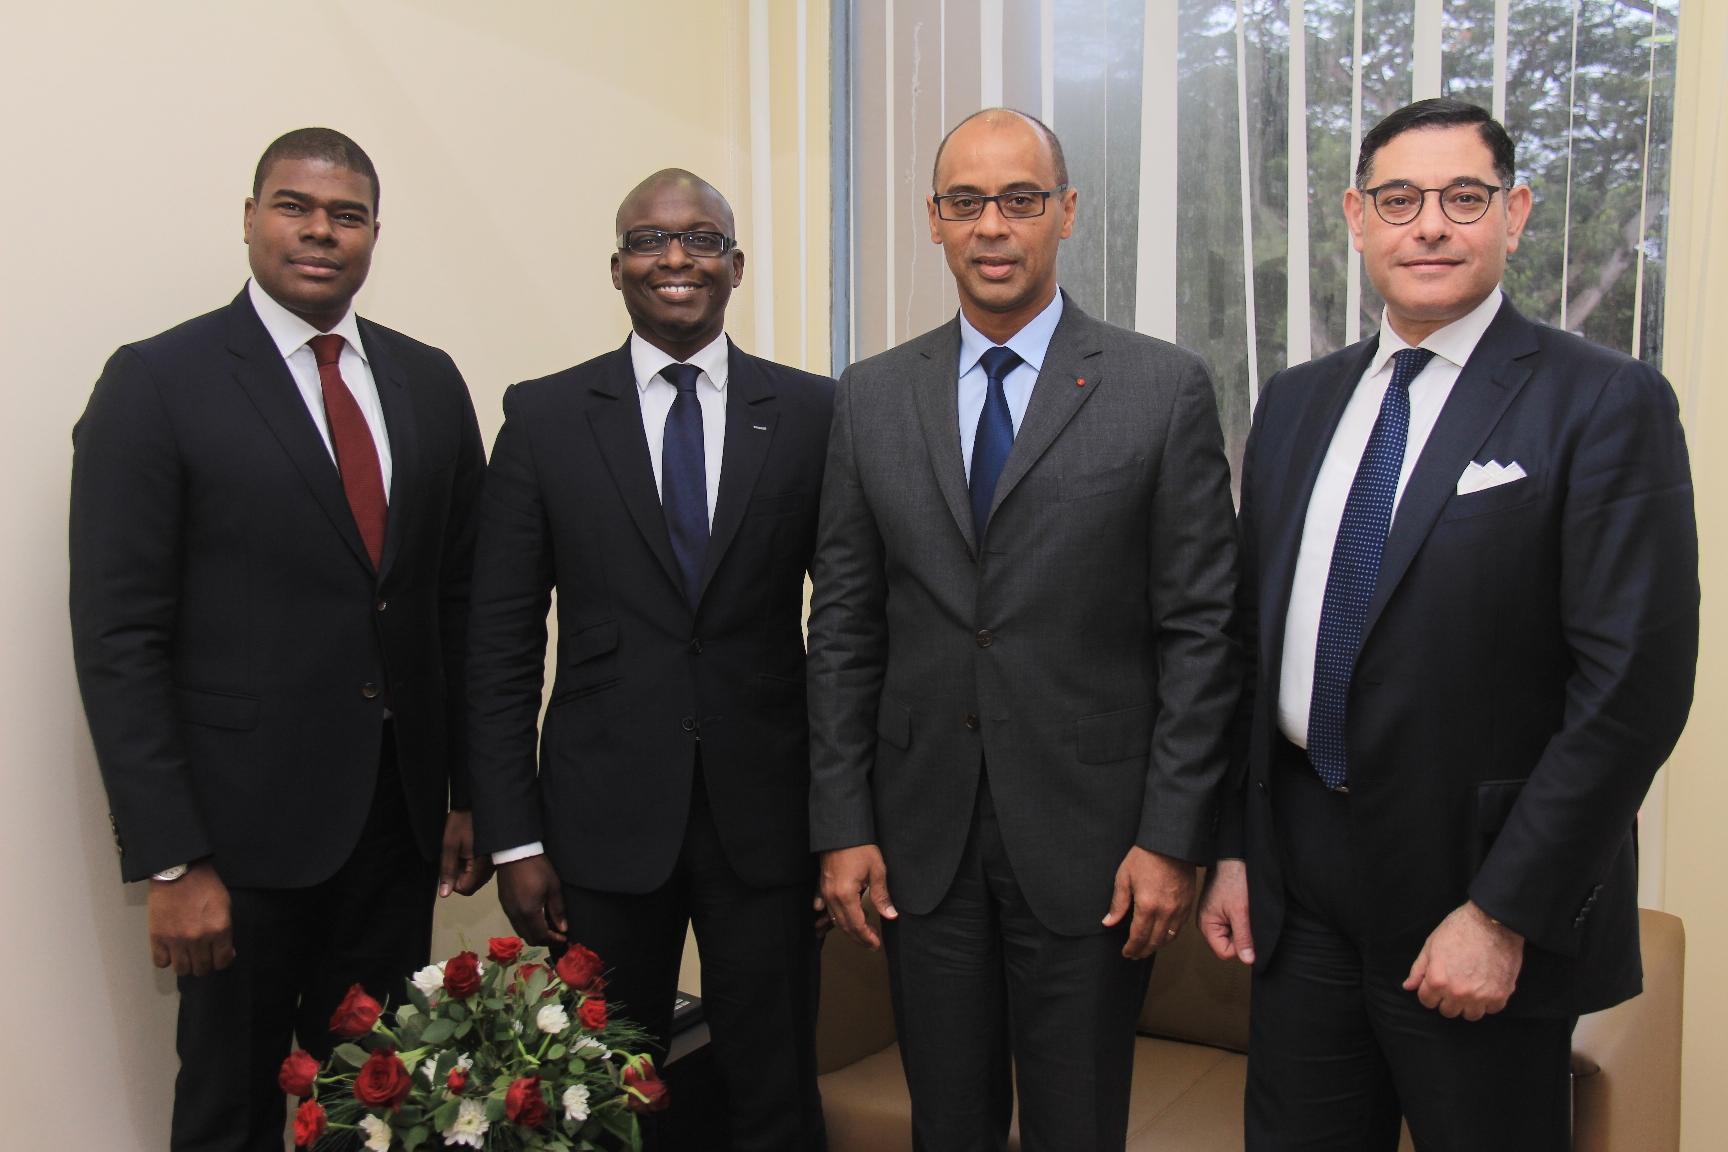 Visa élargit sa présence en Afrique francophone en vue de promouvoir les paiements numériques et les efforts d'inclusion financière et de soutenir le développement économique